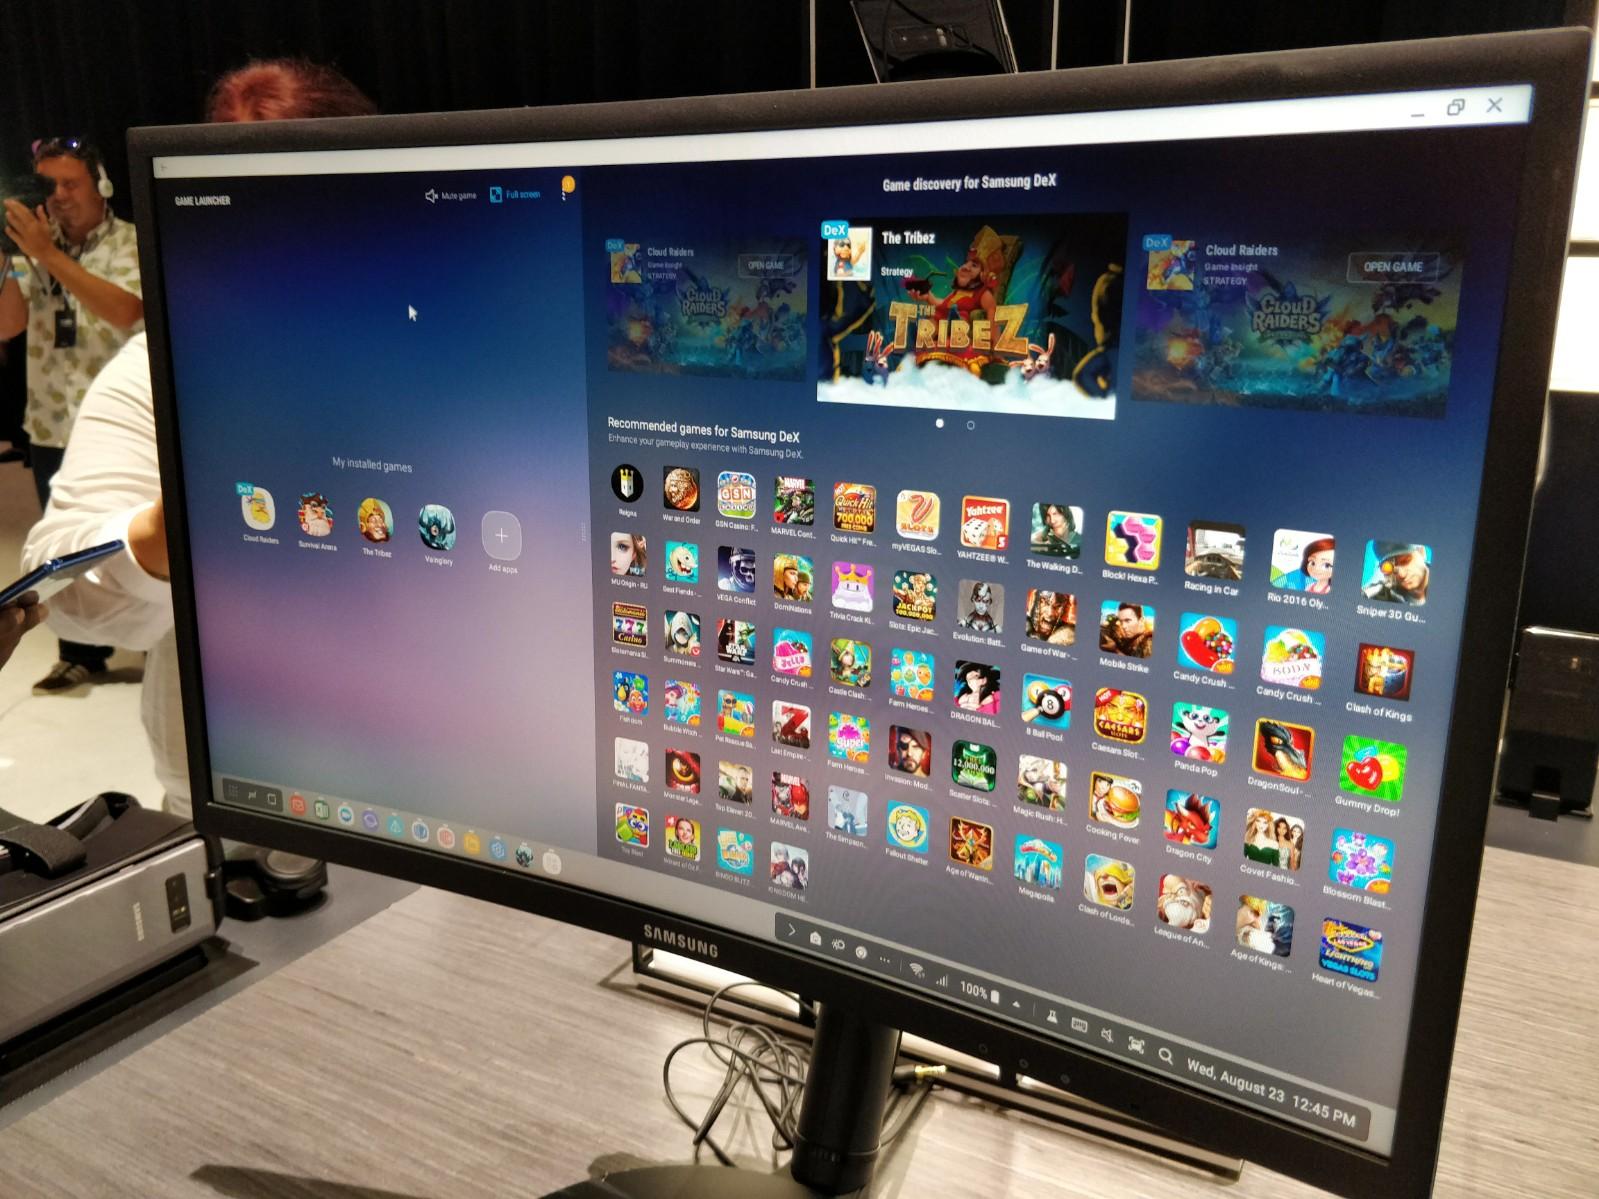 Det er langt flere titler optimalisert for DeX nå enn tidligere, blant annet det populære mobilspillet Vain Glory. Mobilen har dog ikke nok RAM til å holde Vain Glory kjørende i bakgrunnen om man åpner flere apper - da starter spillet på nytt.